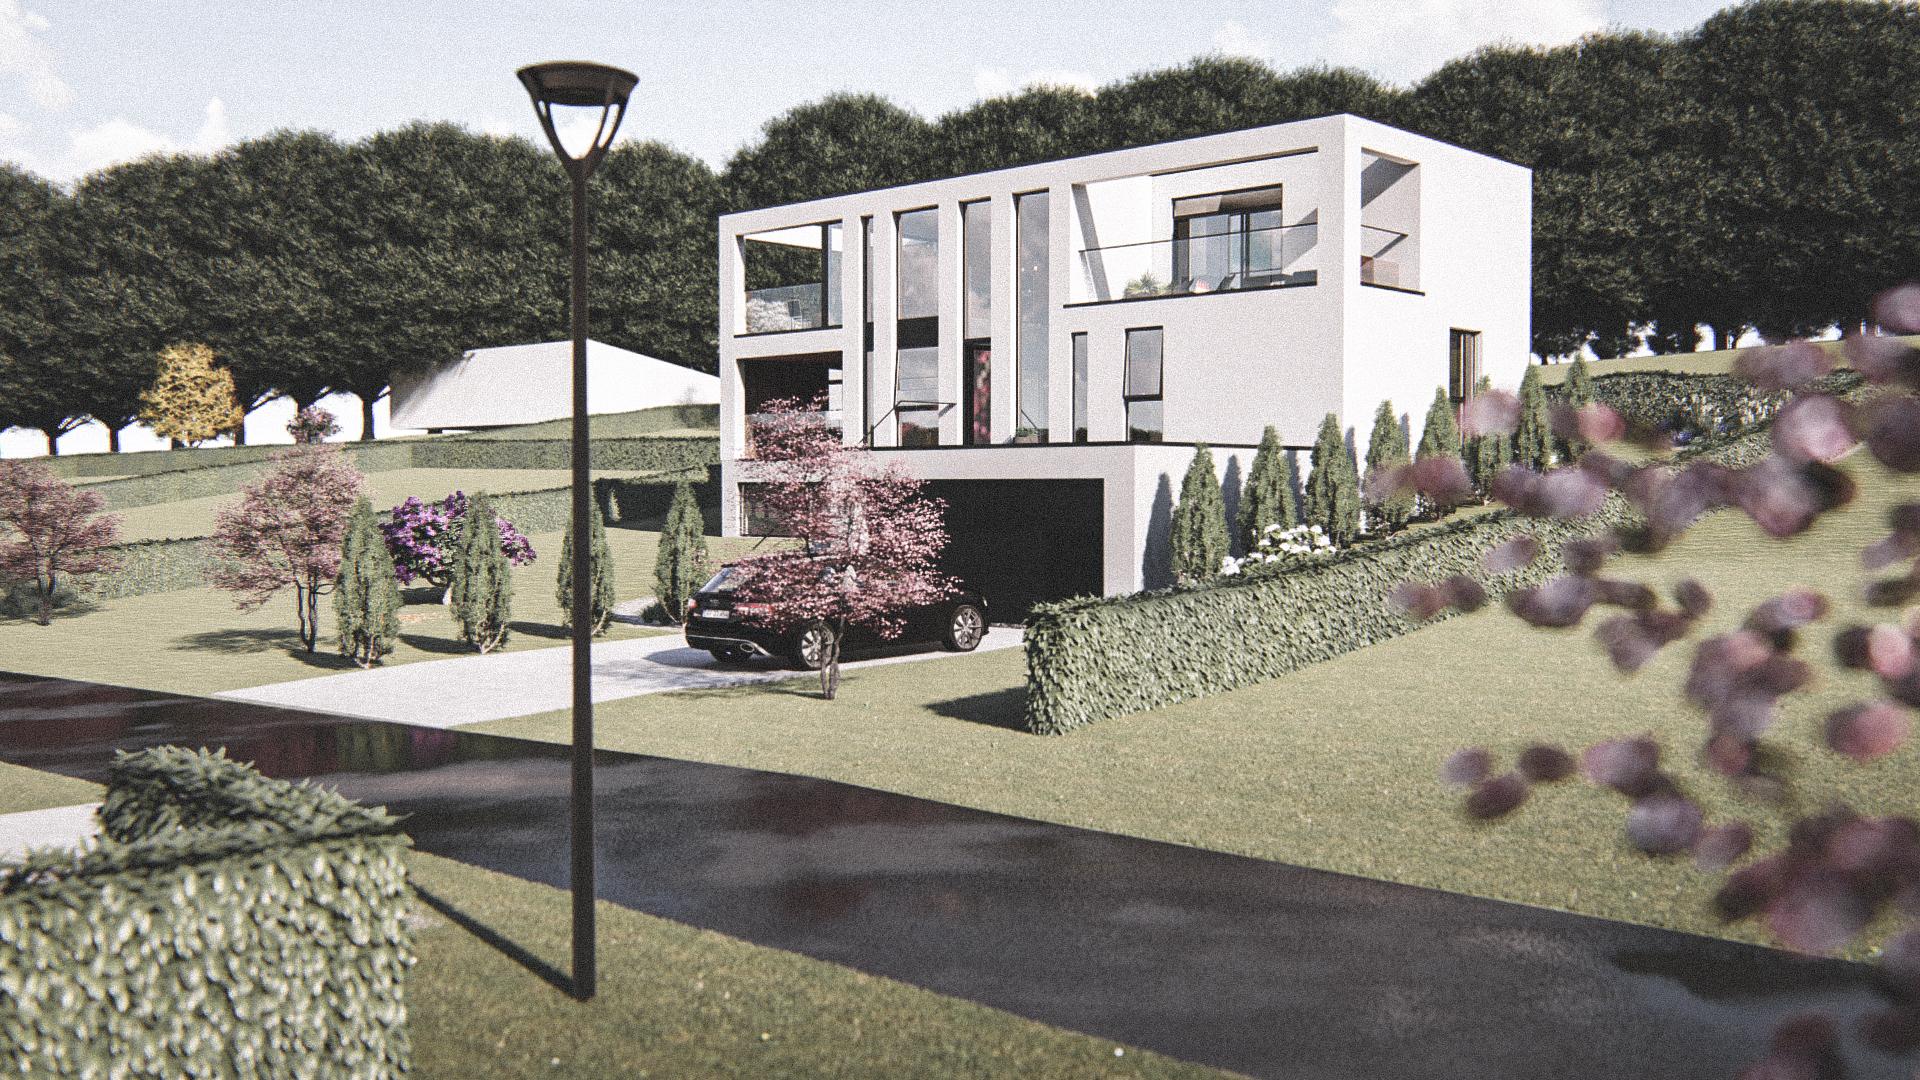 Billede af Dansk arkitekttegnet 3 plan villa af arkitektfirmaet m2plus, i Hinnerup på 373 kvartratmeter.